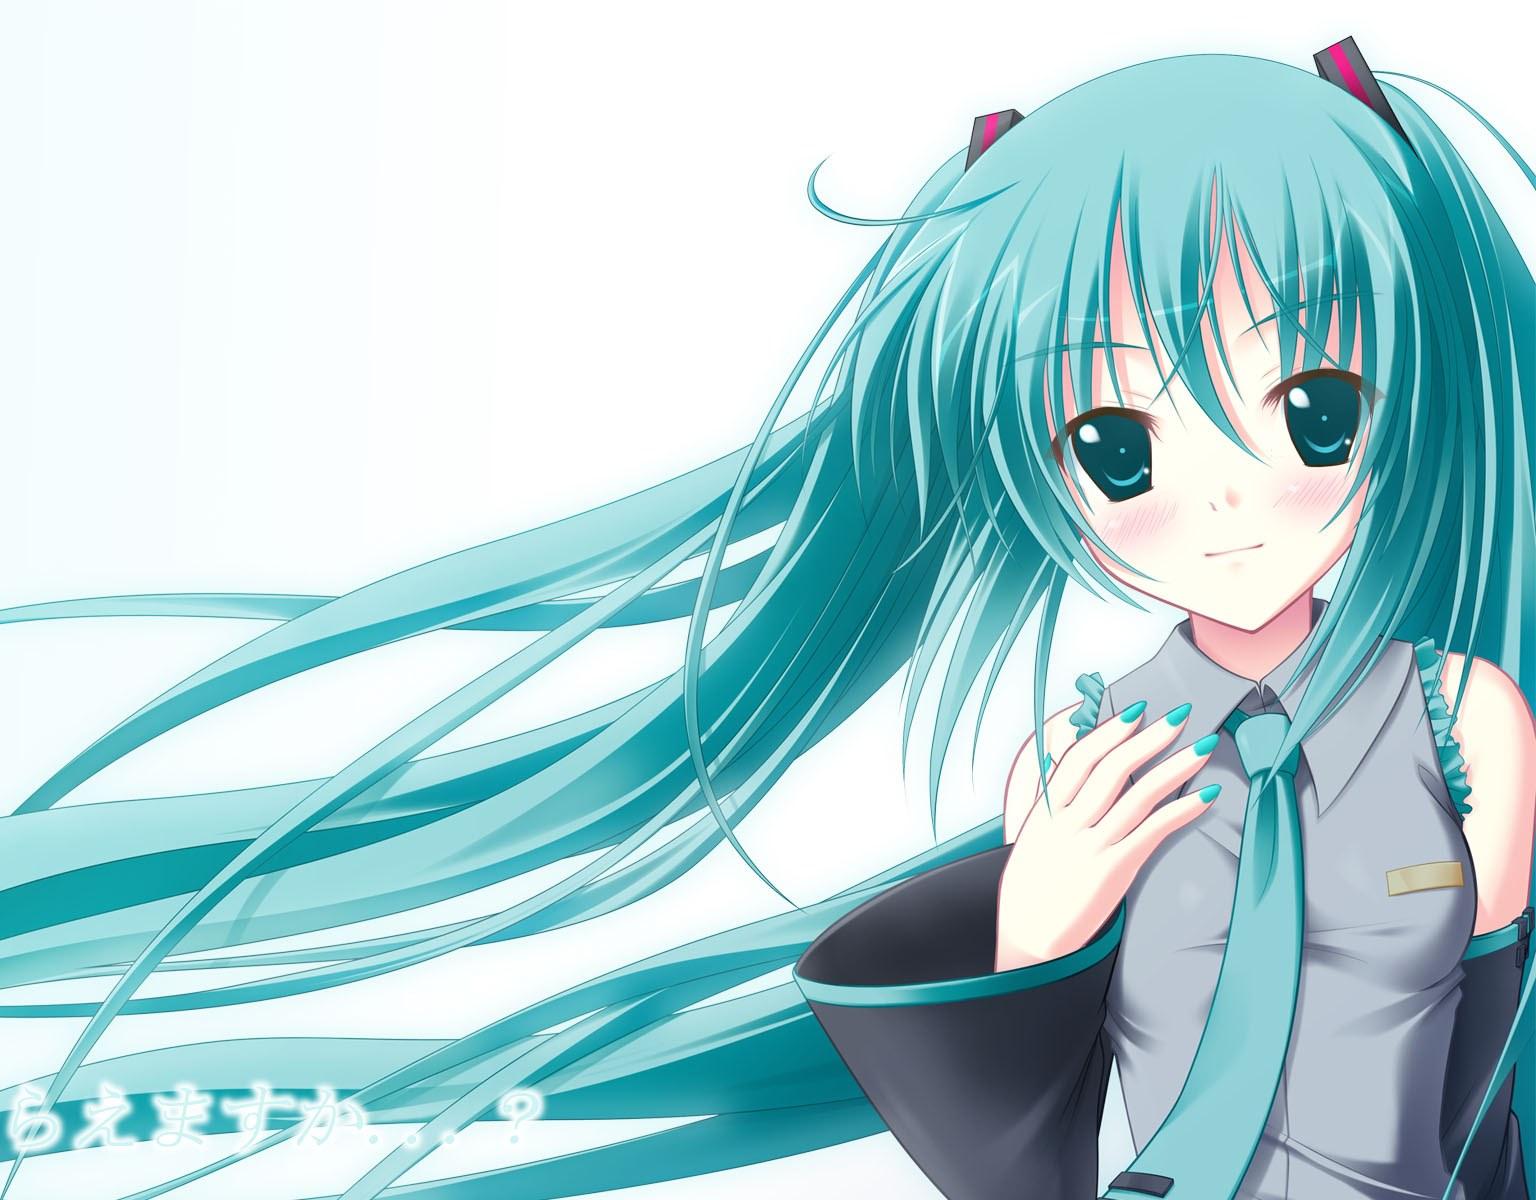 pengertianmodifikasi anime  terbaru Images